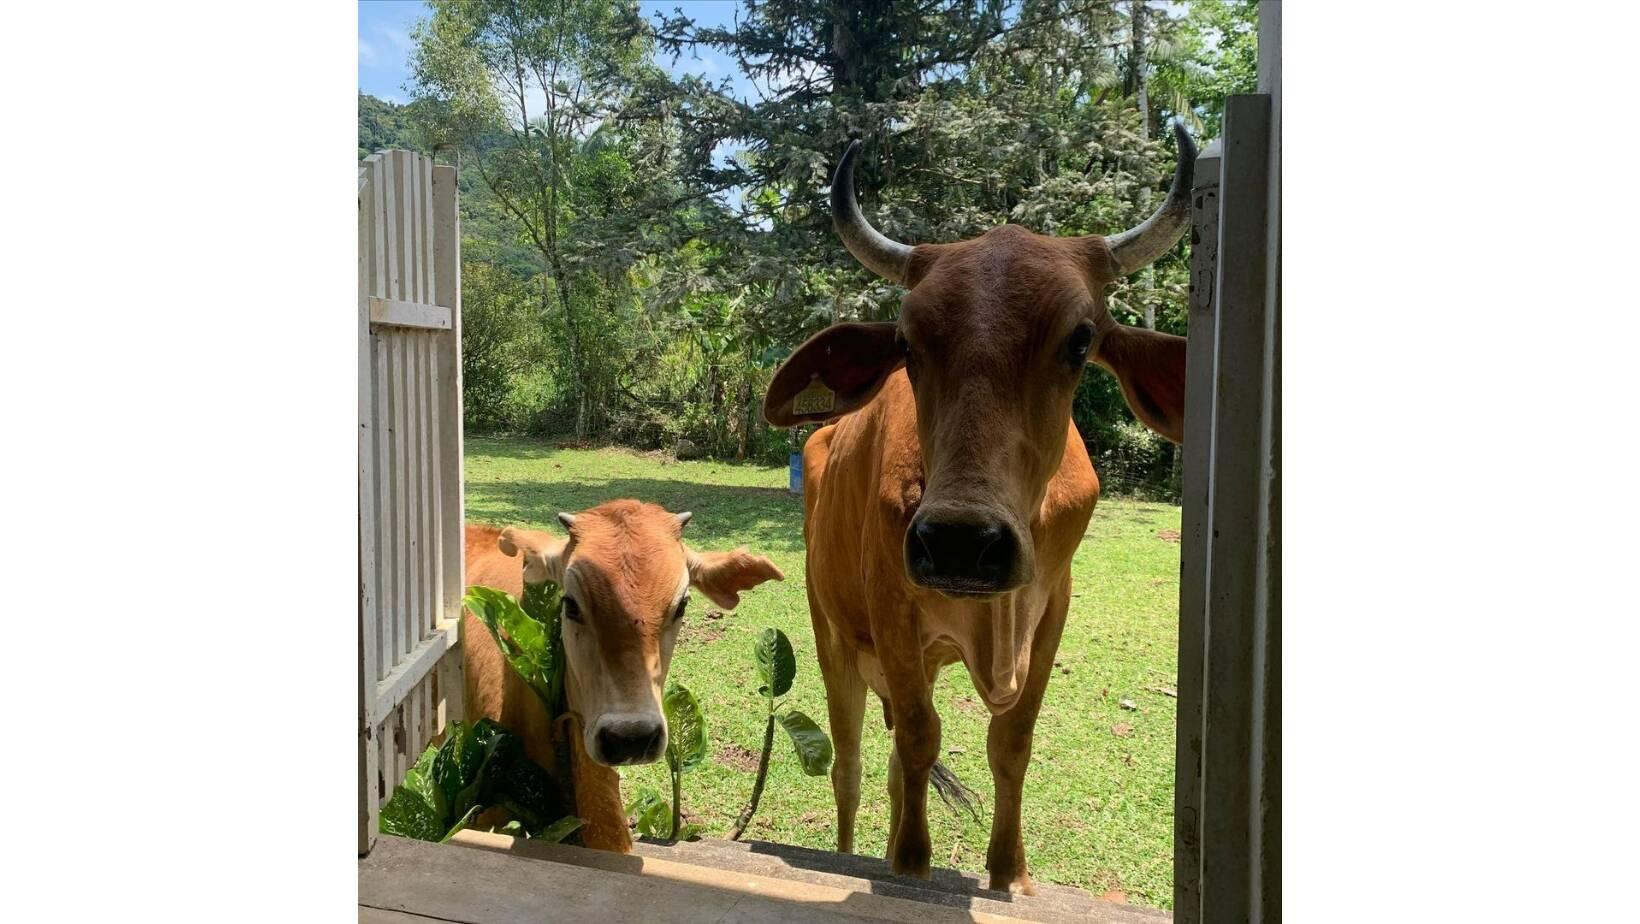 Beth e Alba bolando um plano para entrar em casa. Foto: Reprodução/Instagram @vaquinhabeth